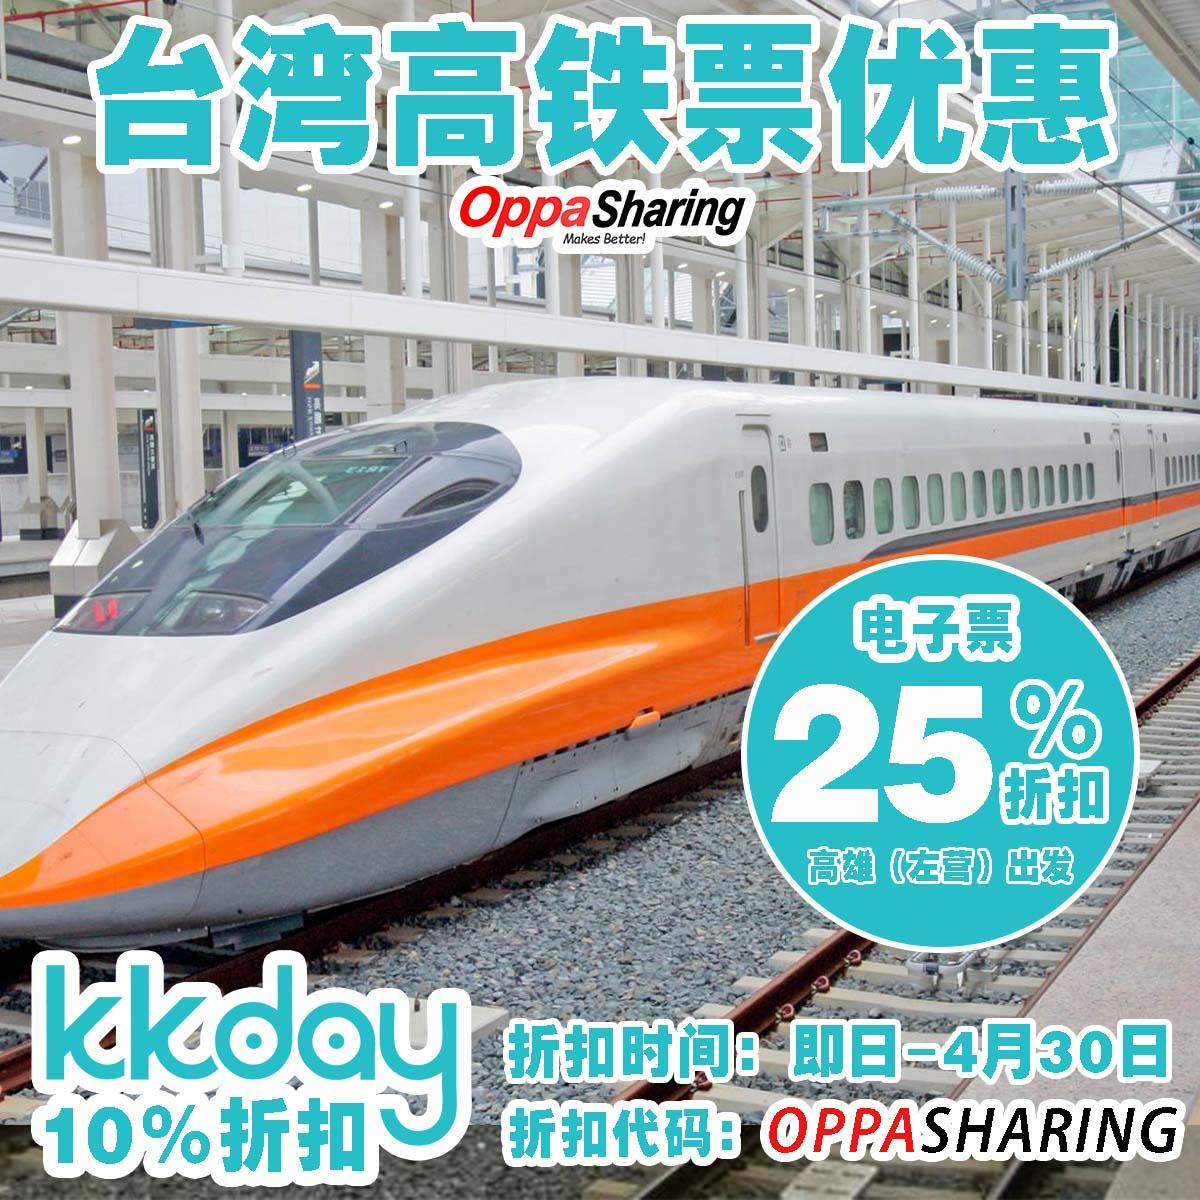 台湾高铁票优惠